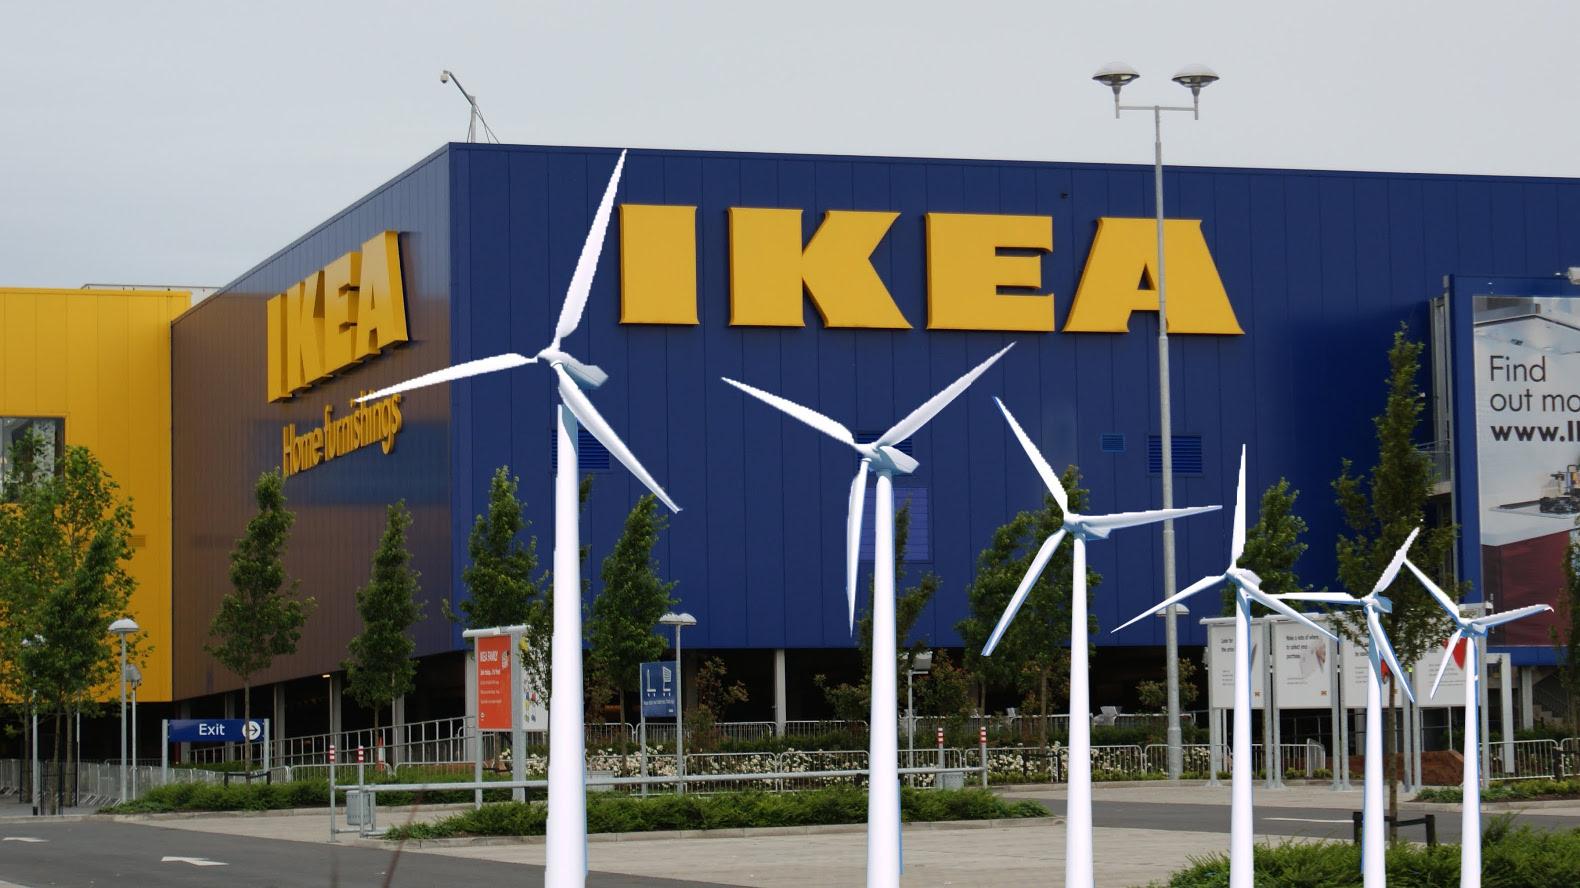 IKEA and selling renewable energy to people